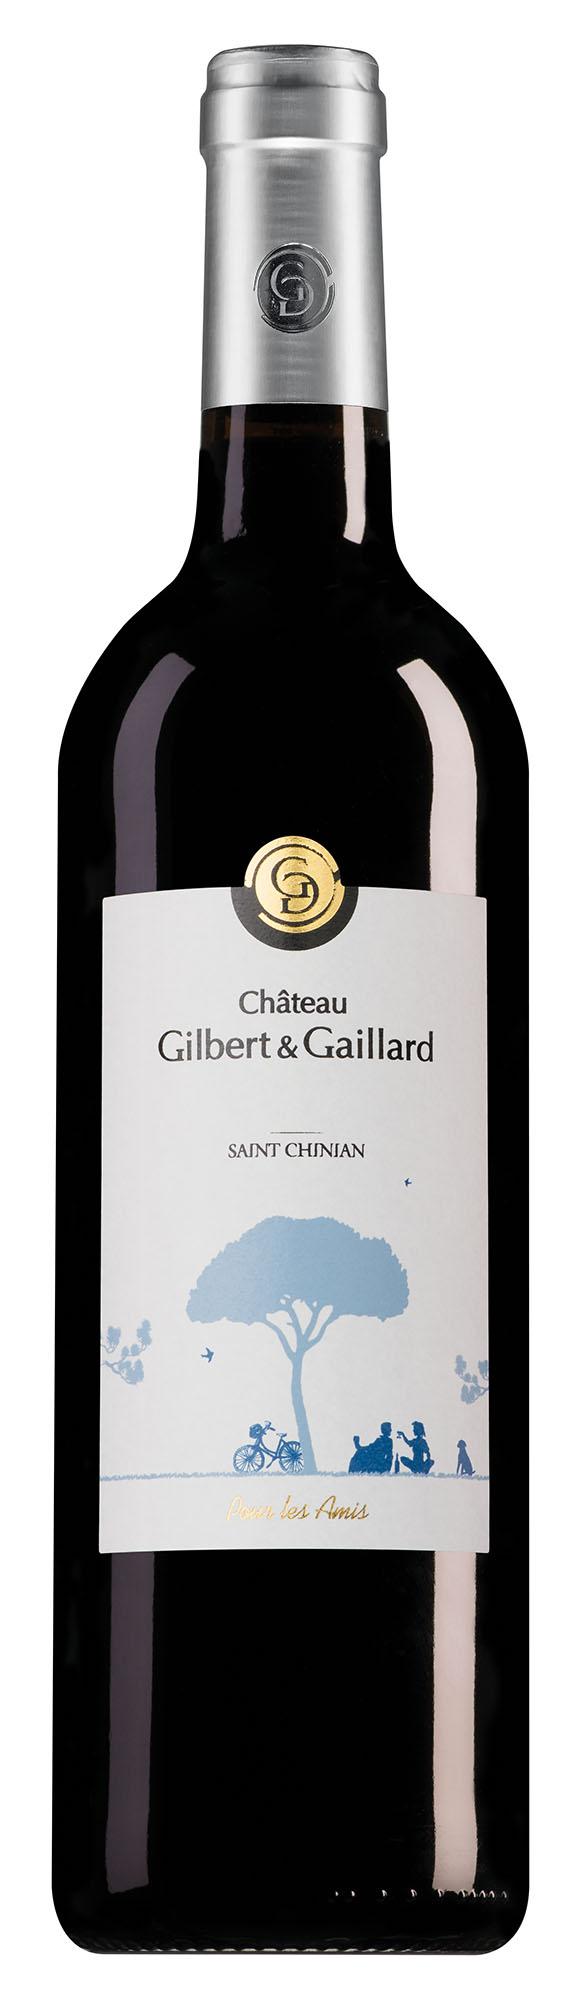 Château Gilbert et Gaillard Saint-Chinian Pour Les Amis